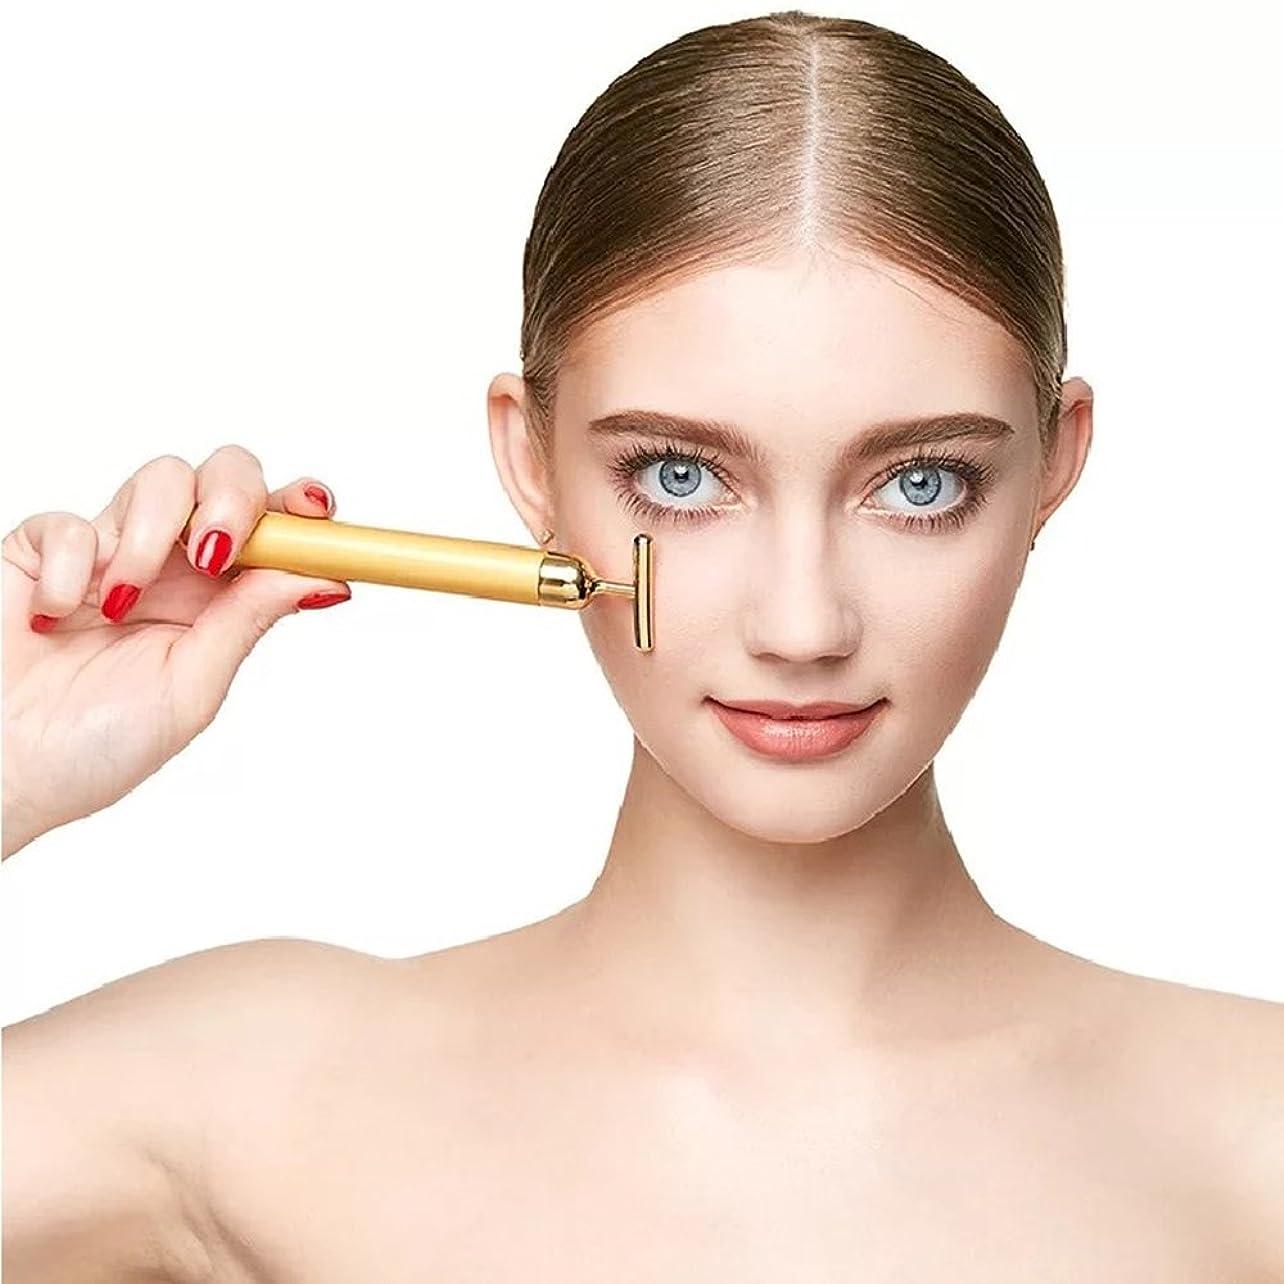 世界的に中止します膨らみYSBER 24K Beauty Bar T型美肌 しわの除去/超音波美顔器